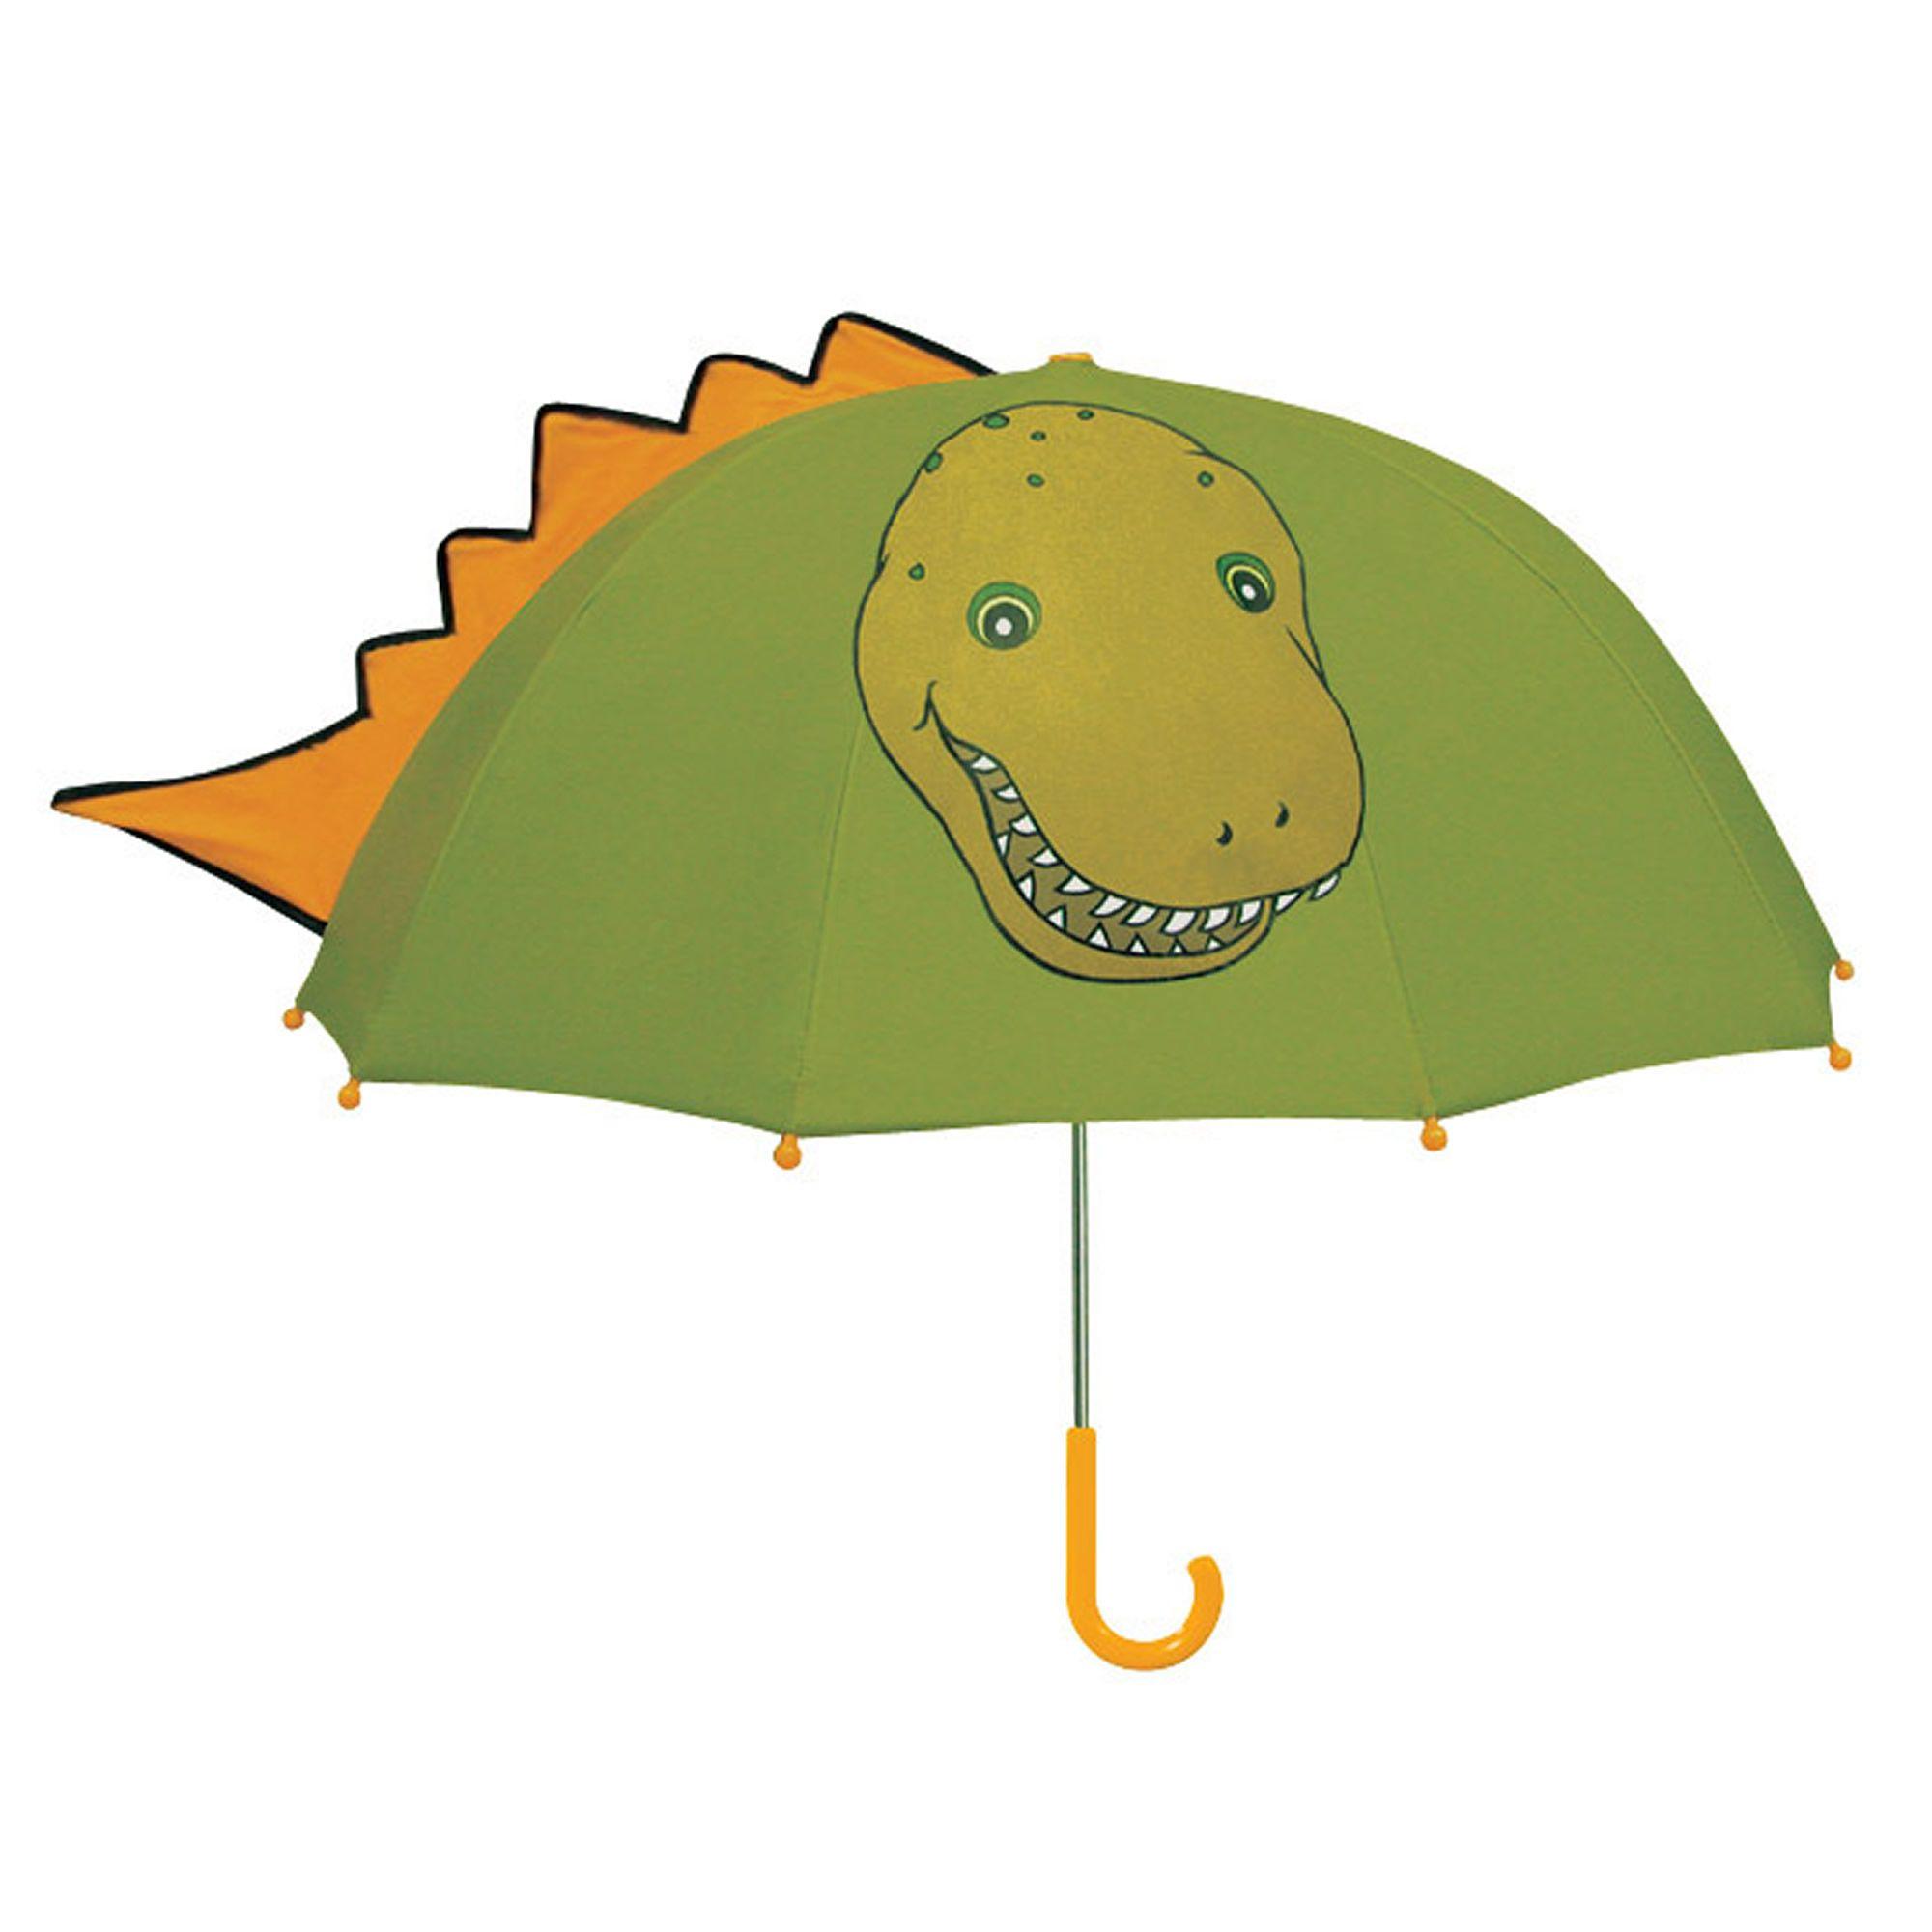 guardachuvadinossauro